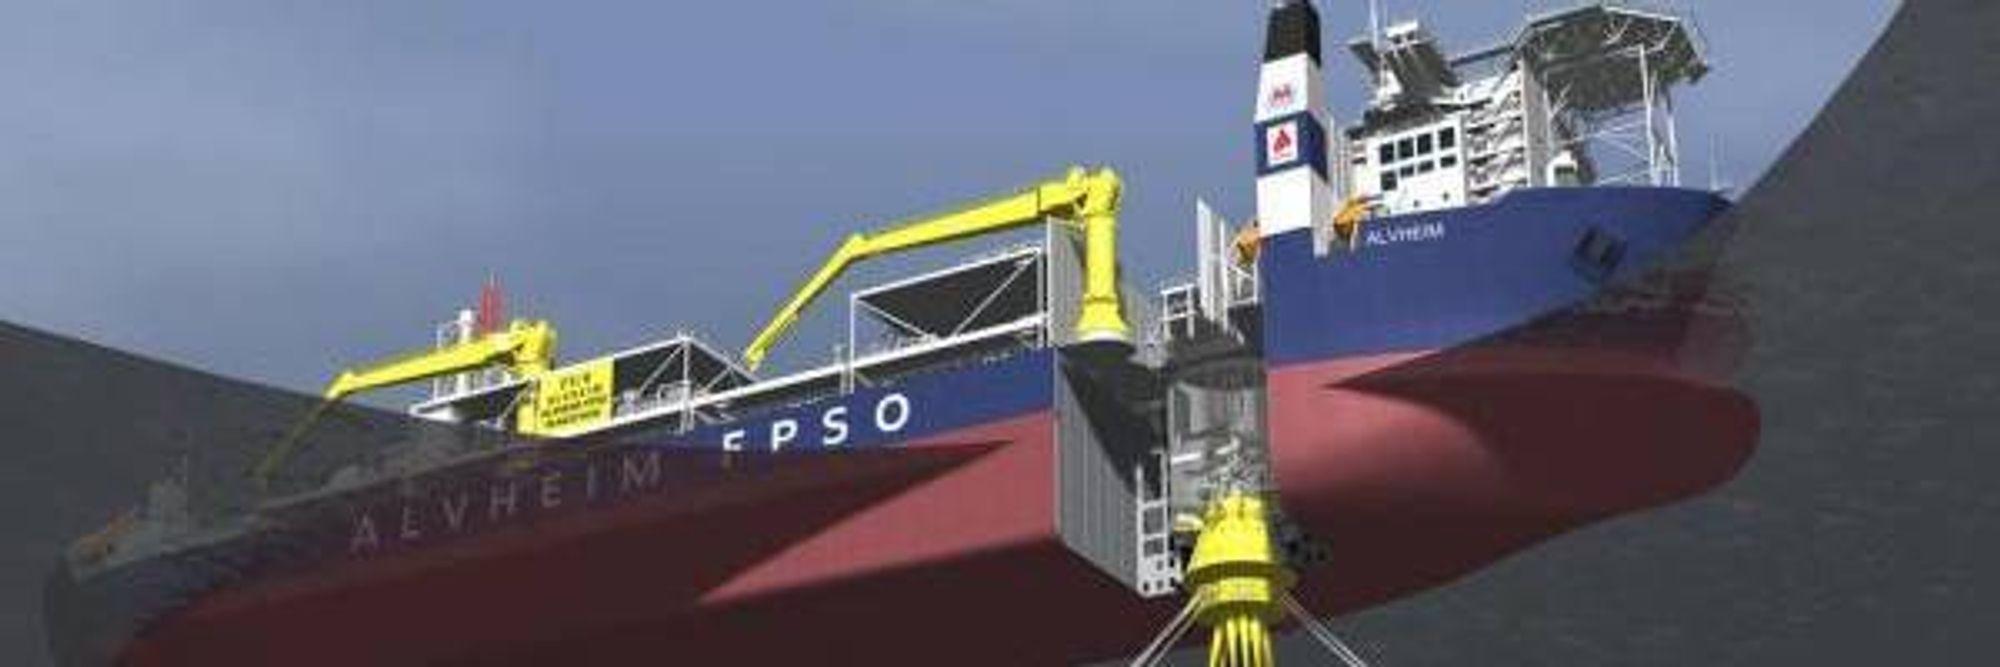 Alvheim FPSO er samlingspunkt for  produksjonen i området, og kan dermed også bli en propp.